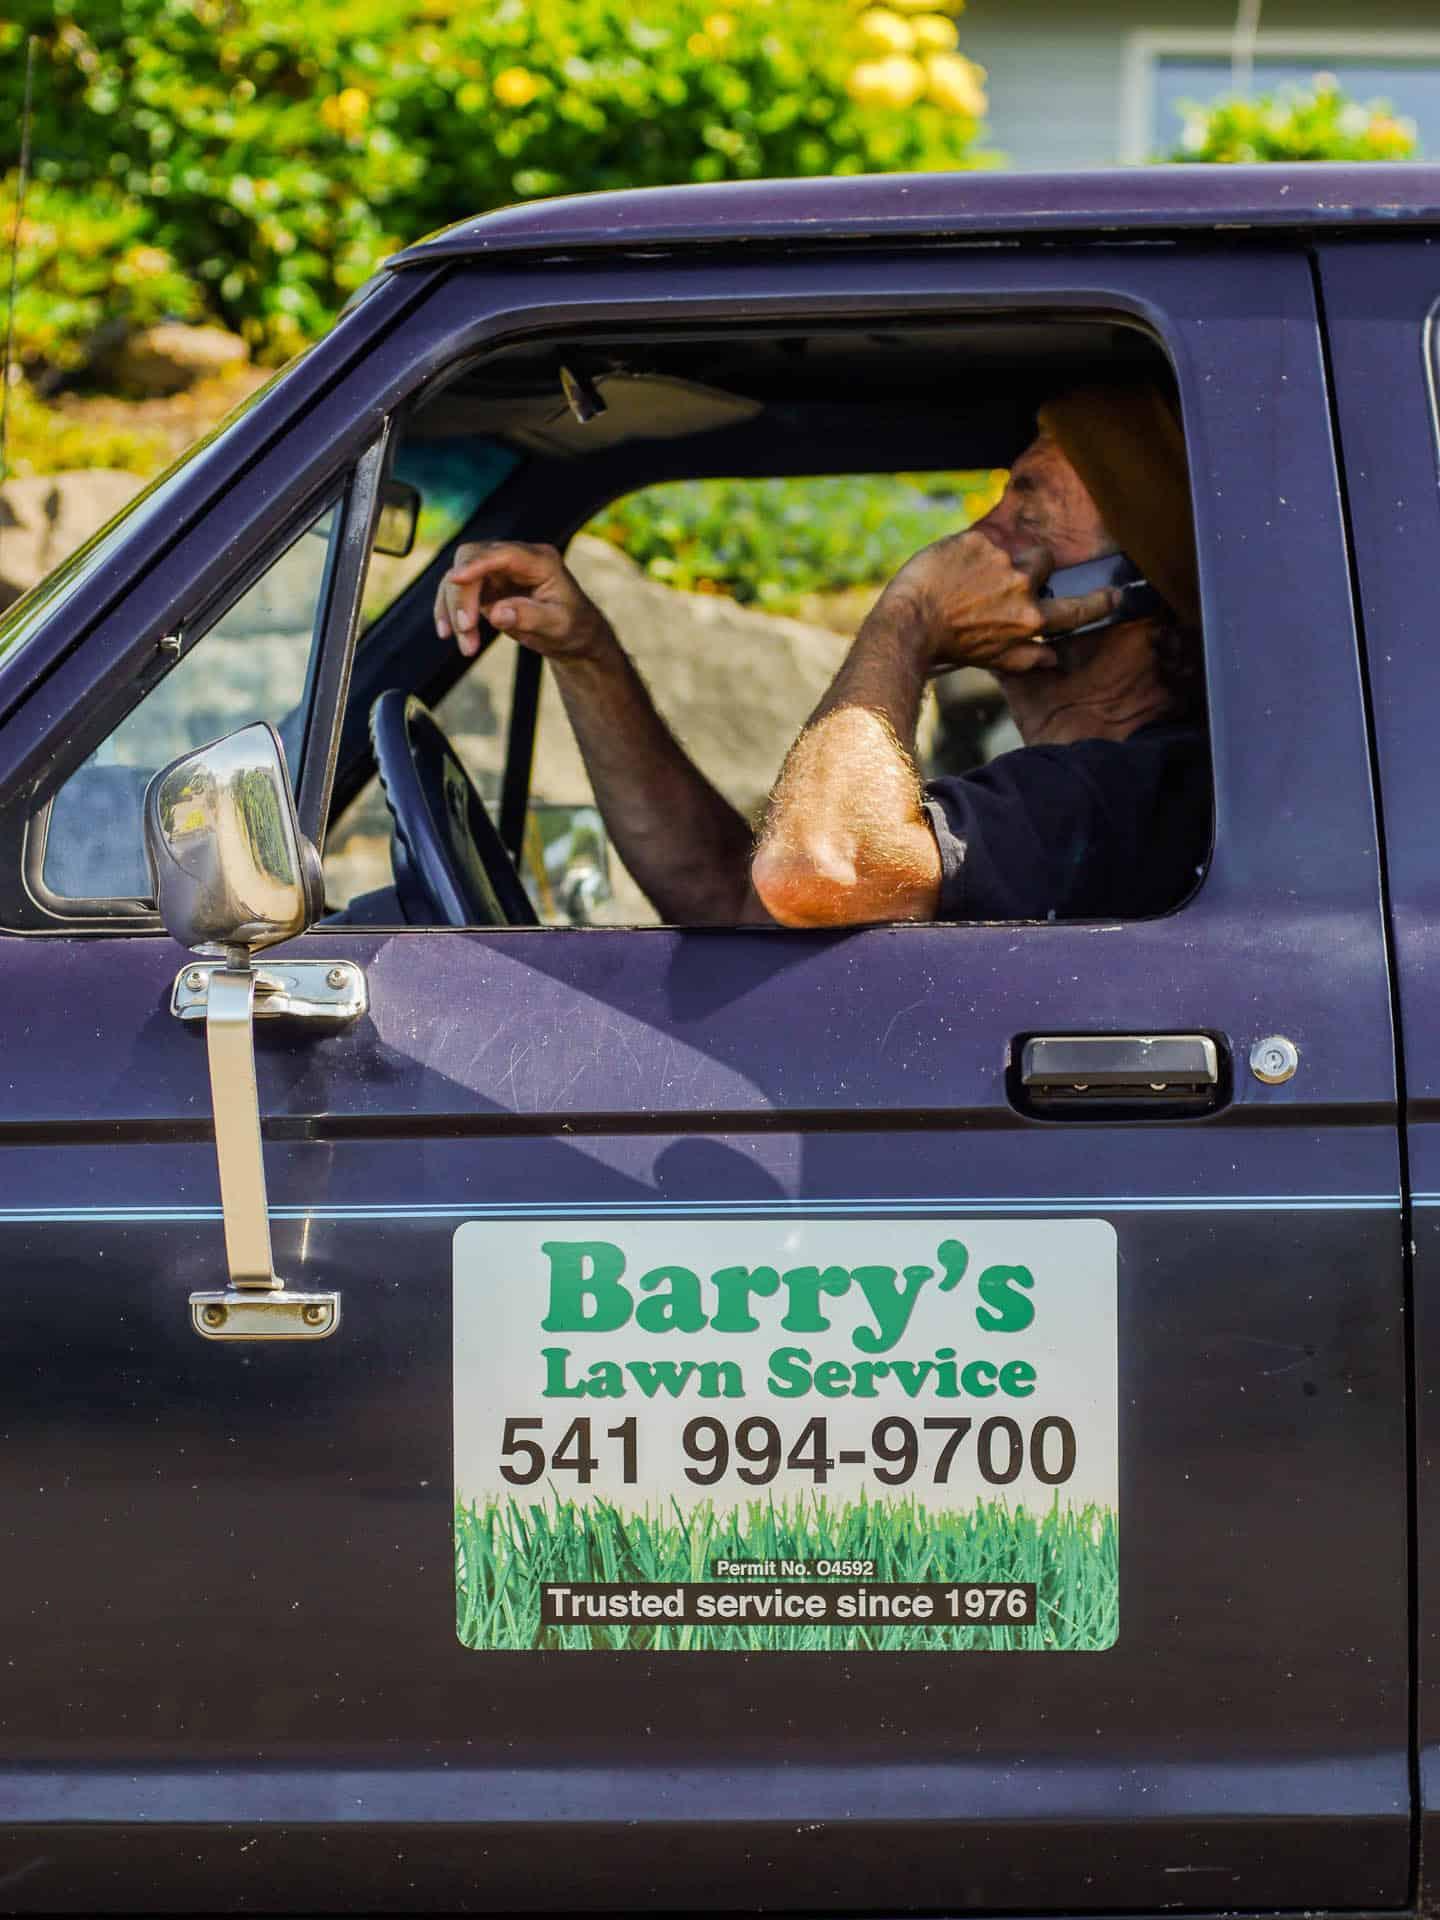 Oregon Berrys Lawn Service Licoln City